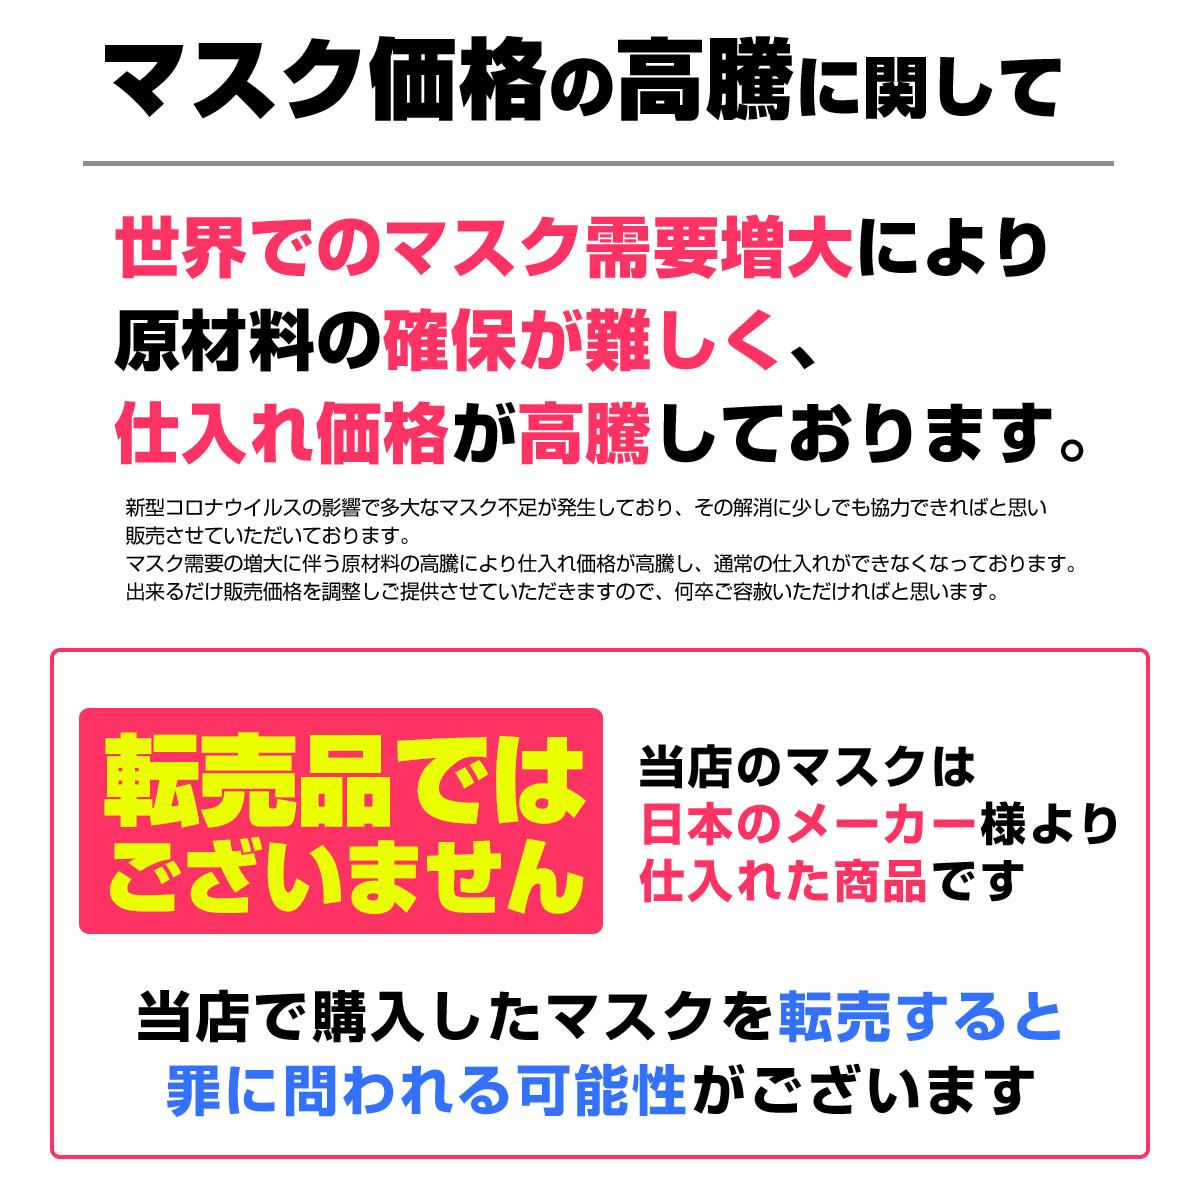 【緊急値下げ】マスク 50枚入り 4個セット 送料無料